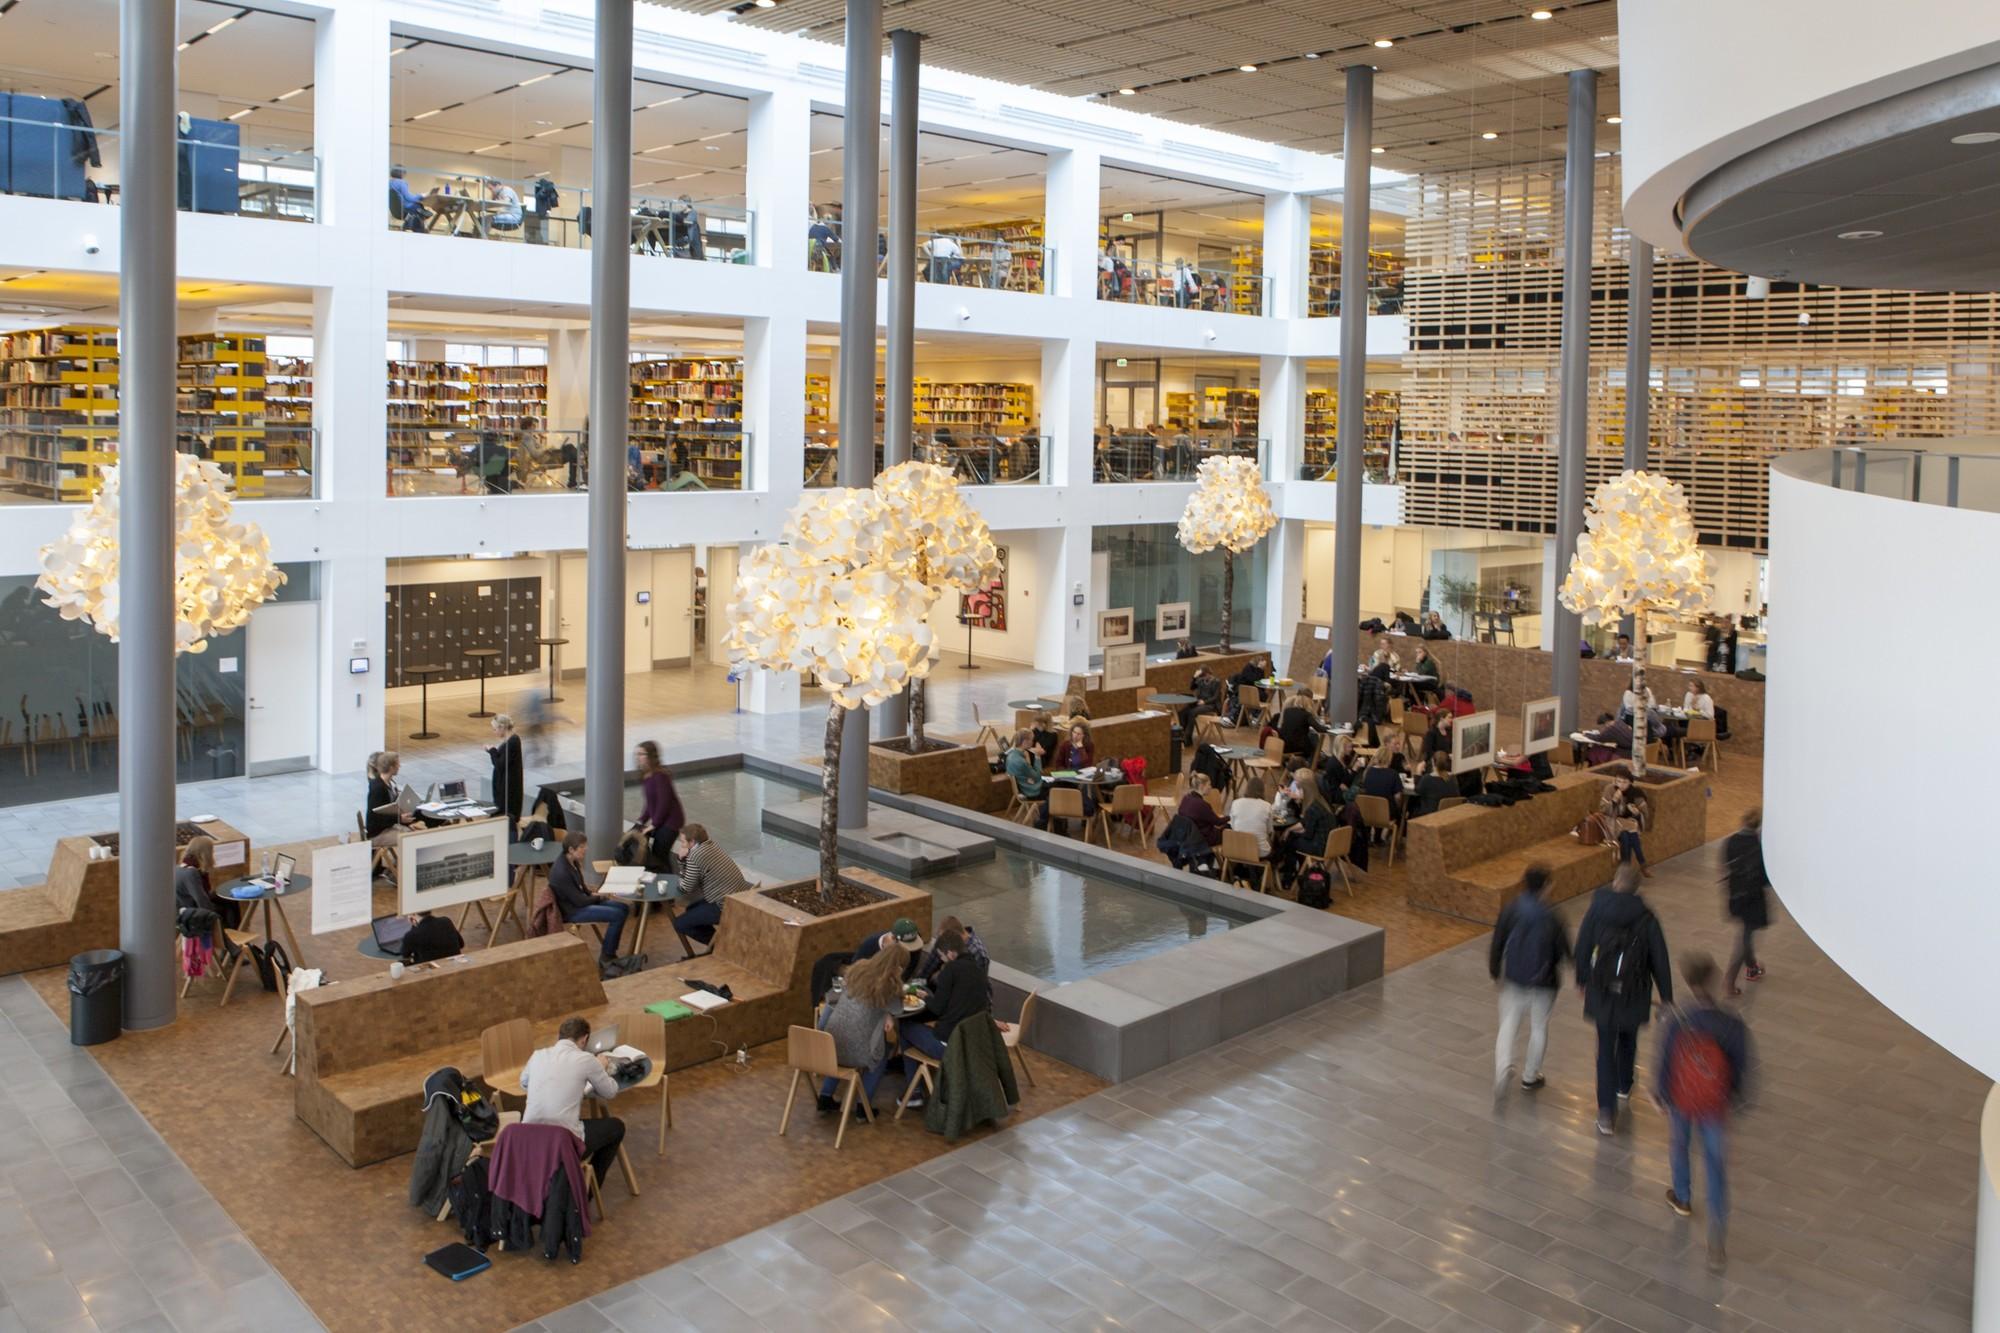 В вузы Дании едет учиться все больше студентов из Южной Европы